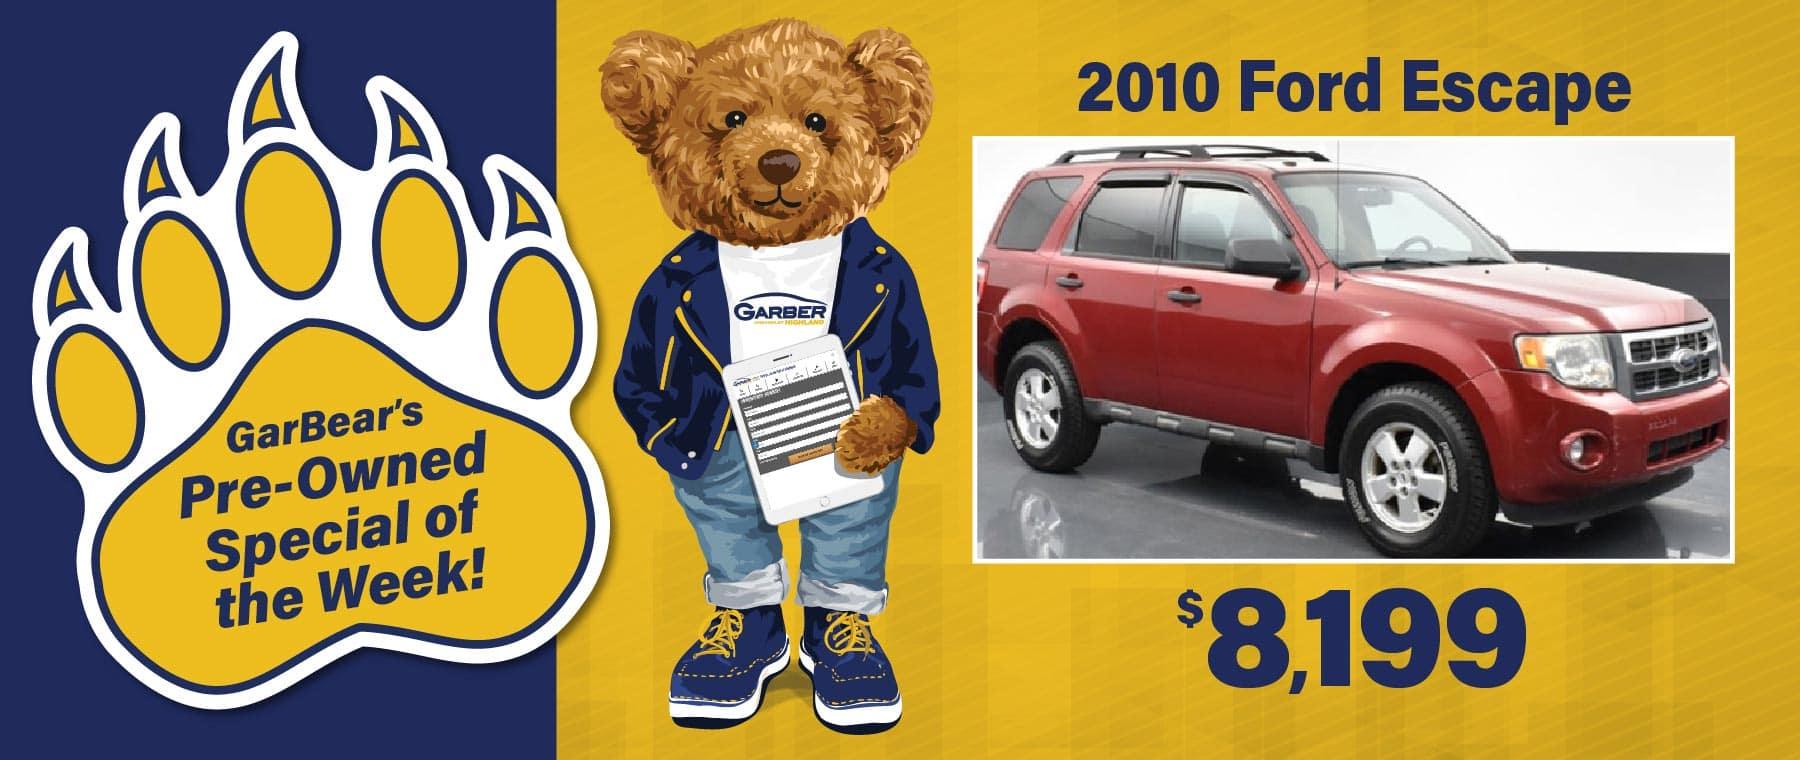 2010 Ford Escape $8199